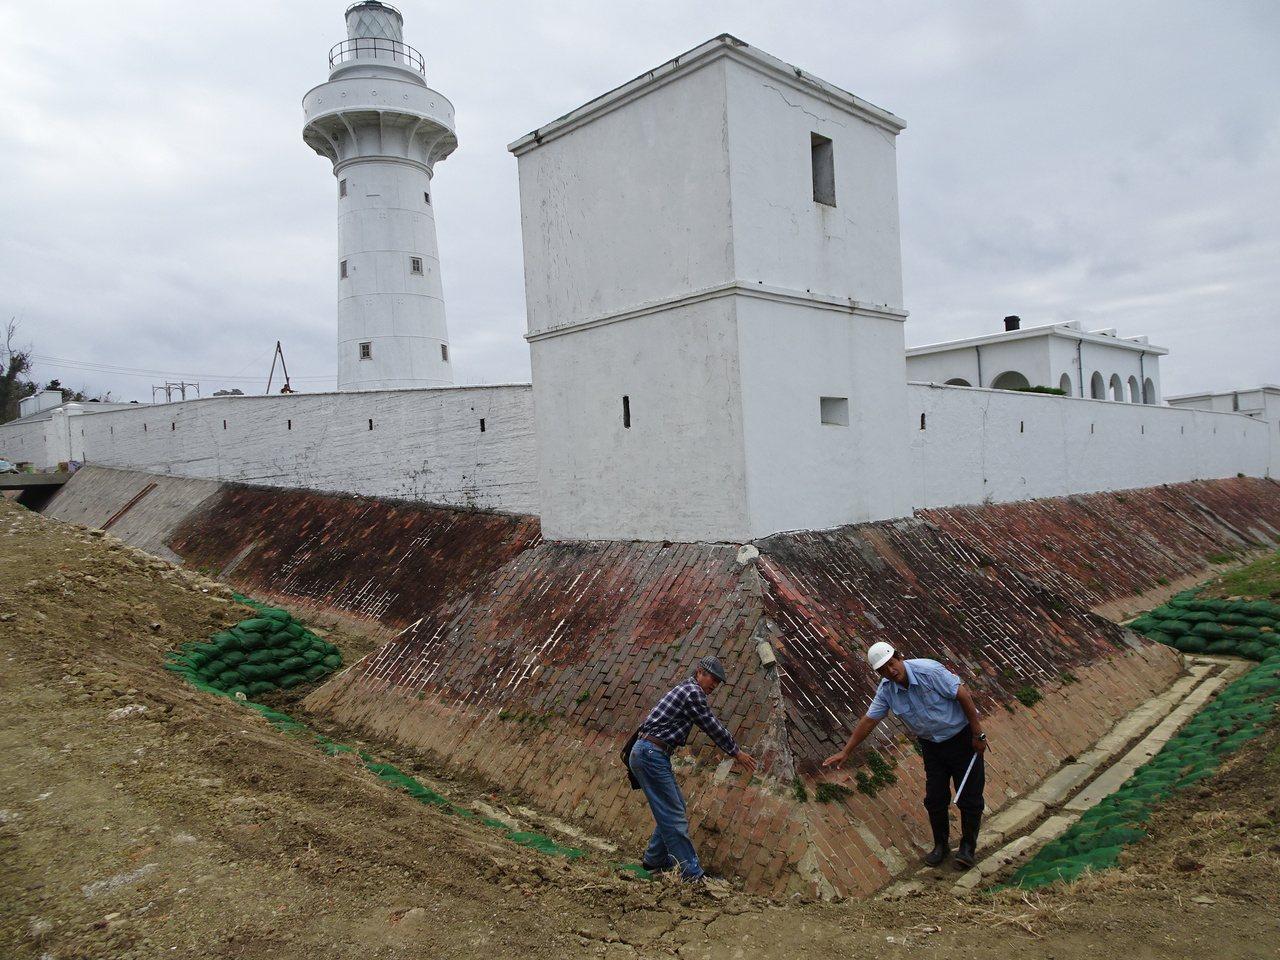 清末建造的鵝鑾鼻燈塔武裝圍牆旁壕溝,側邊土方坍陷約三十公分,彭念陸以生態工法修護...